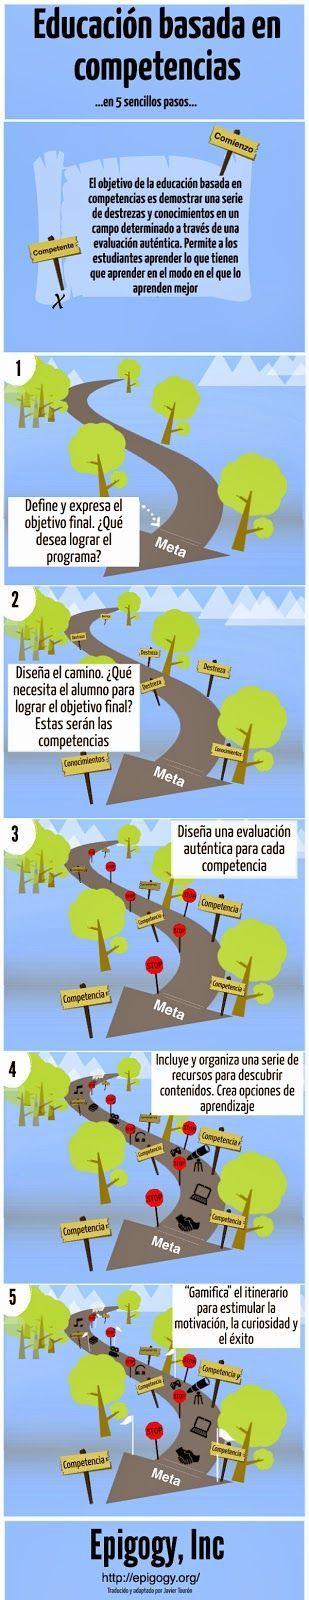 """Hola: Compartimos una interesante infografía sobre """"5 Pasos para ABordar la Educación Basada en Competencias"""" Un gran saludo. Fuente: javiertouron.es También te puede interesar: Traba..."""